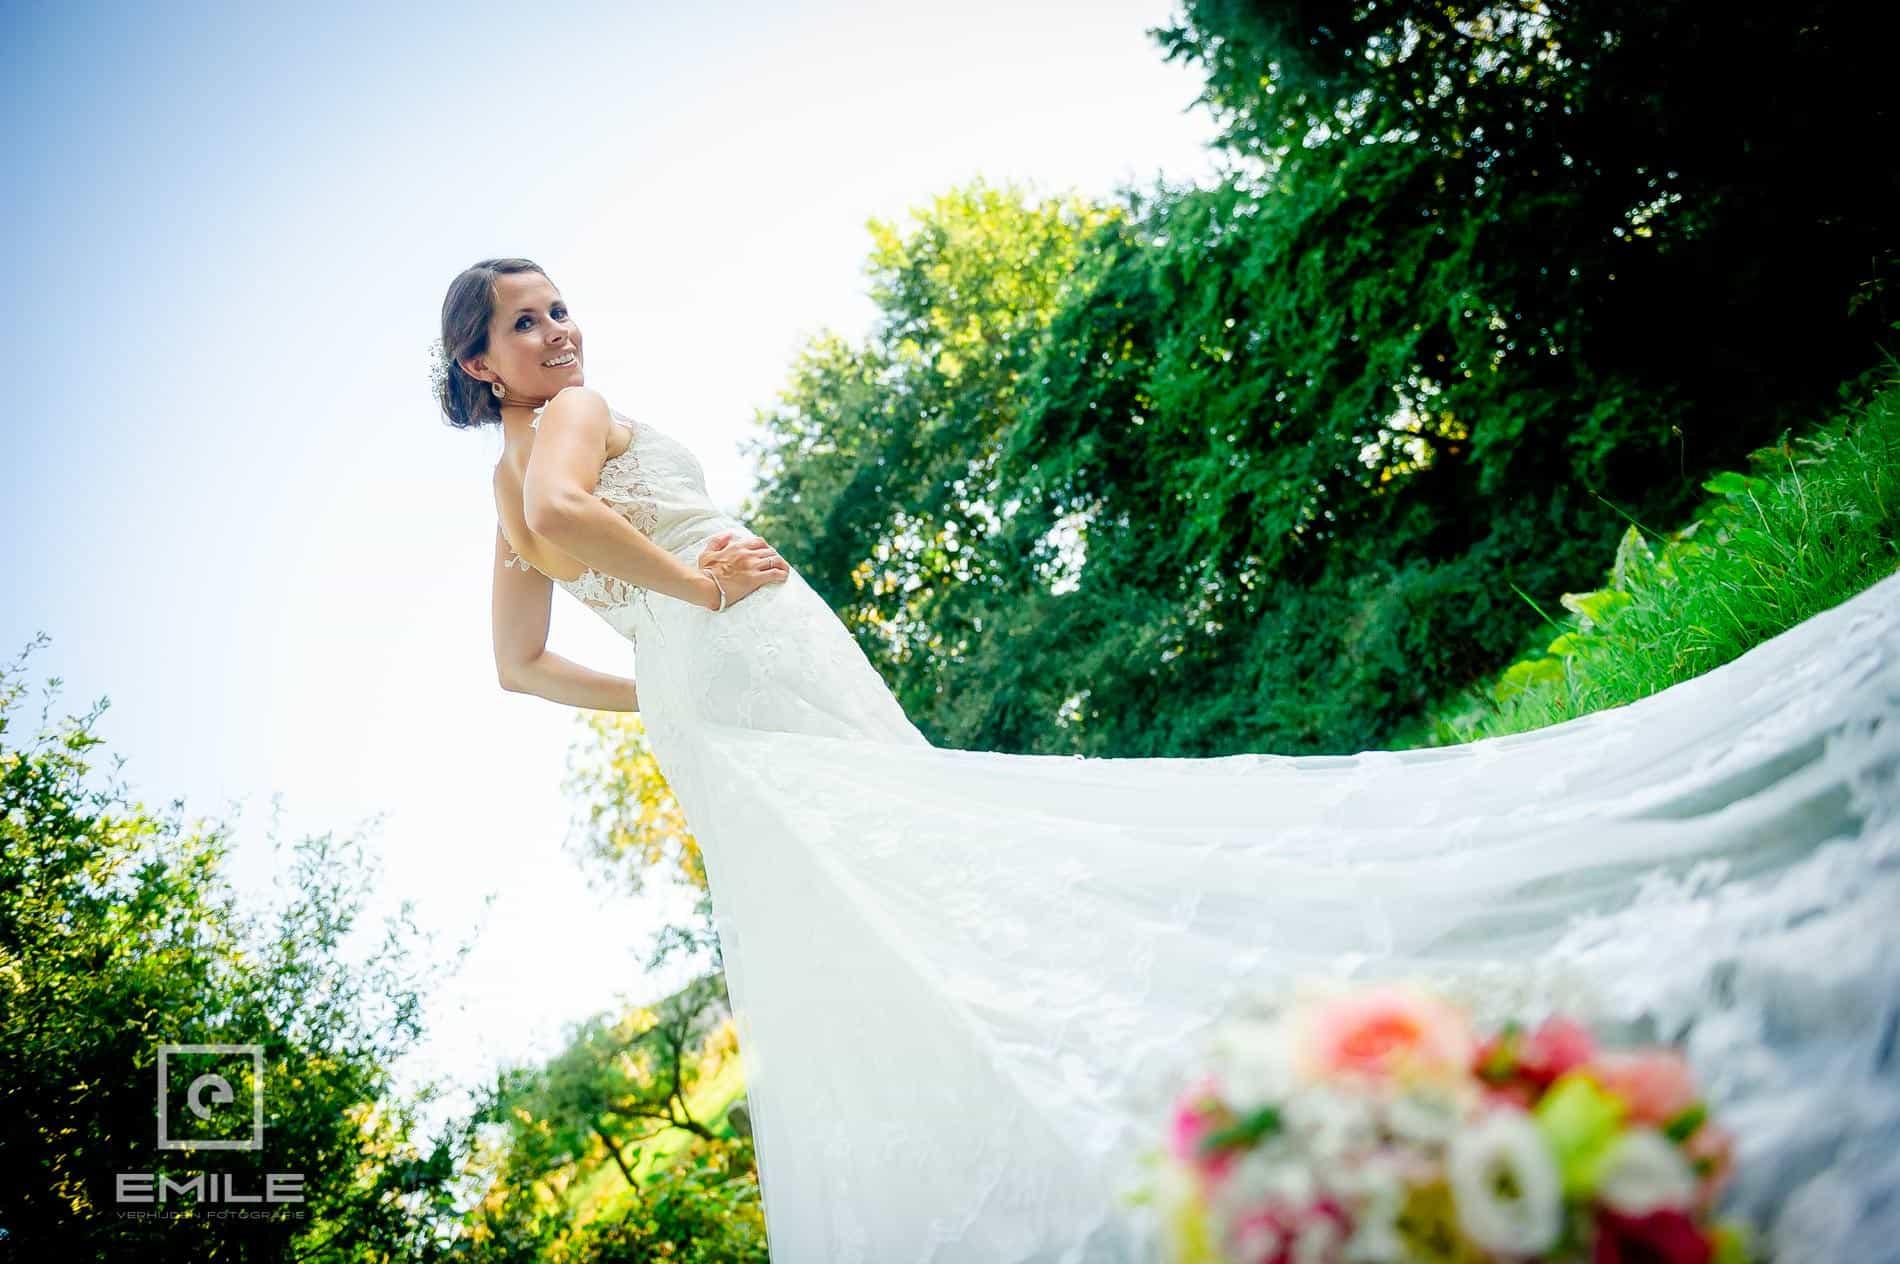 Boeket op de jurk, van onderaf gefotografeerd